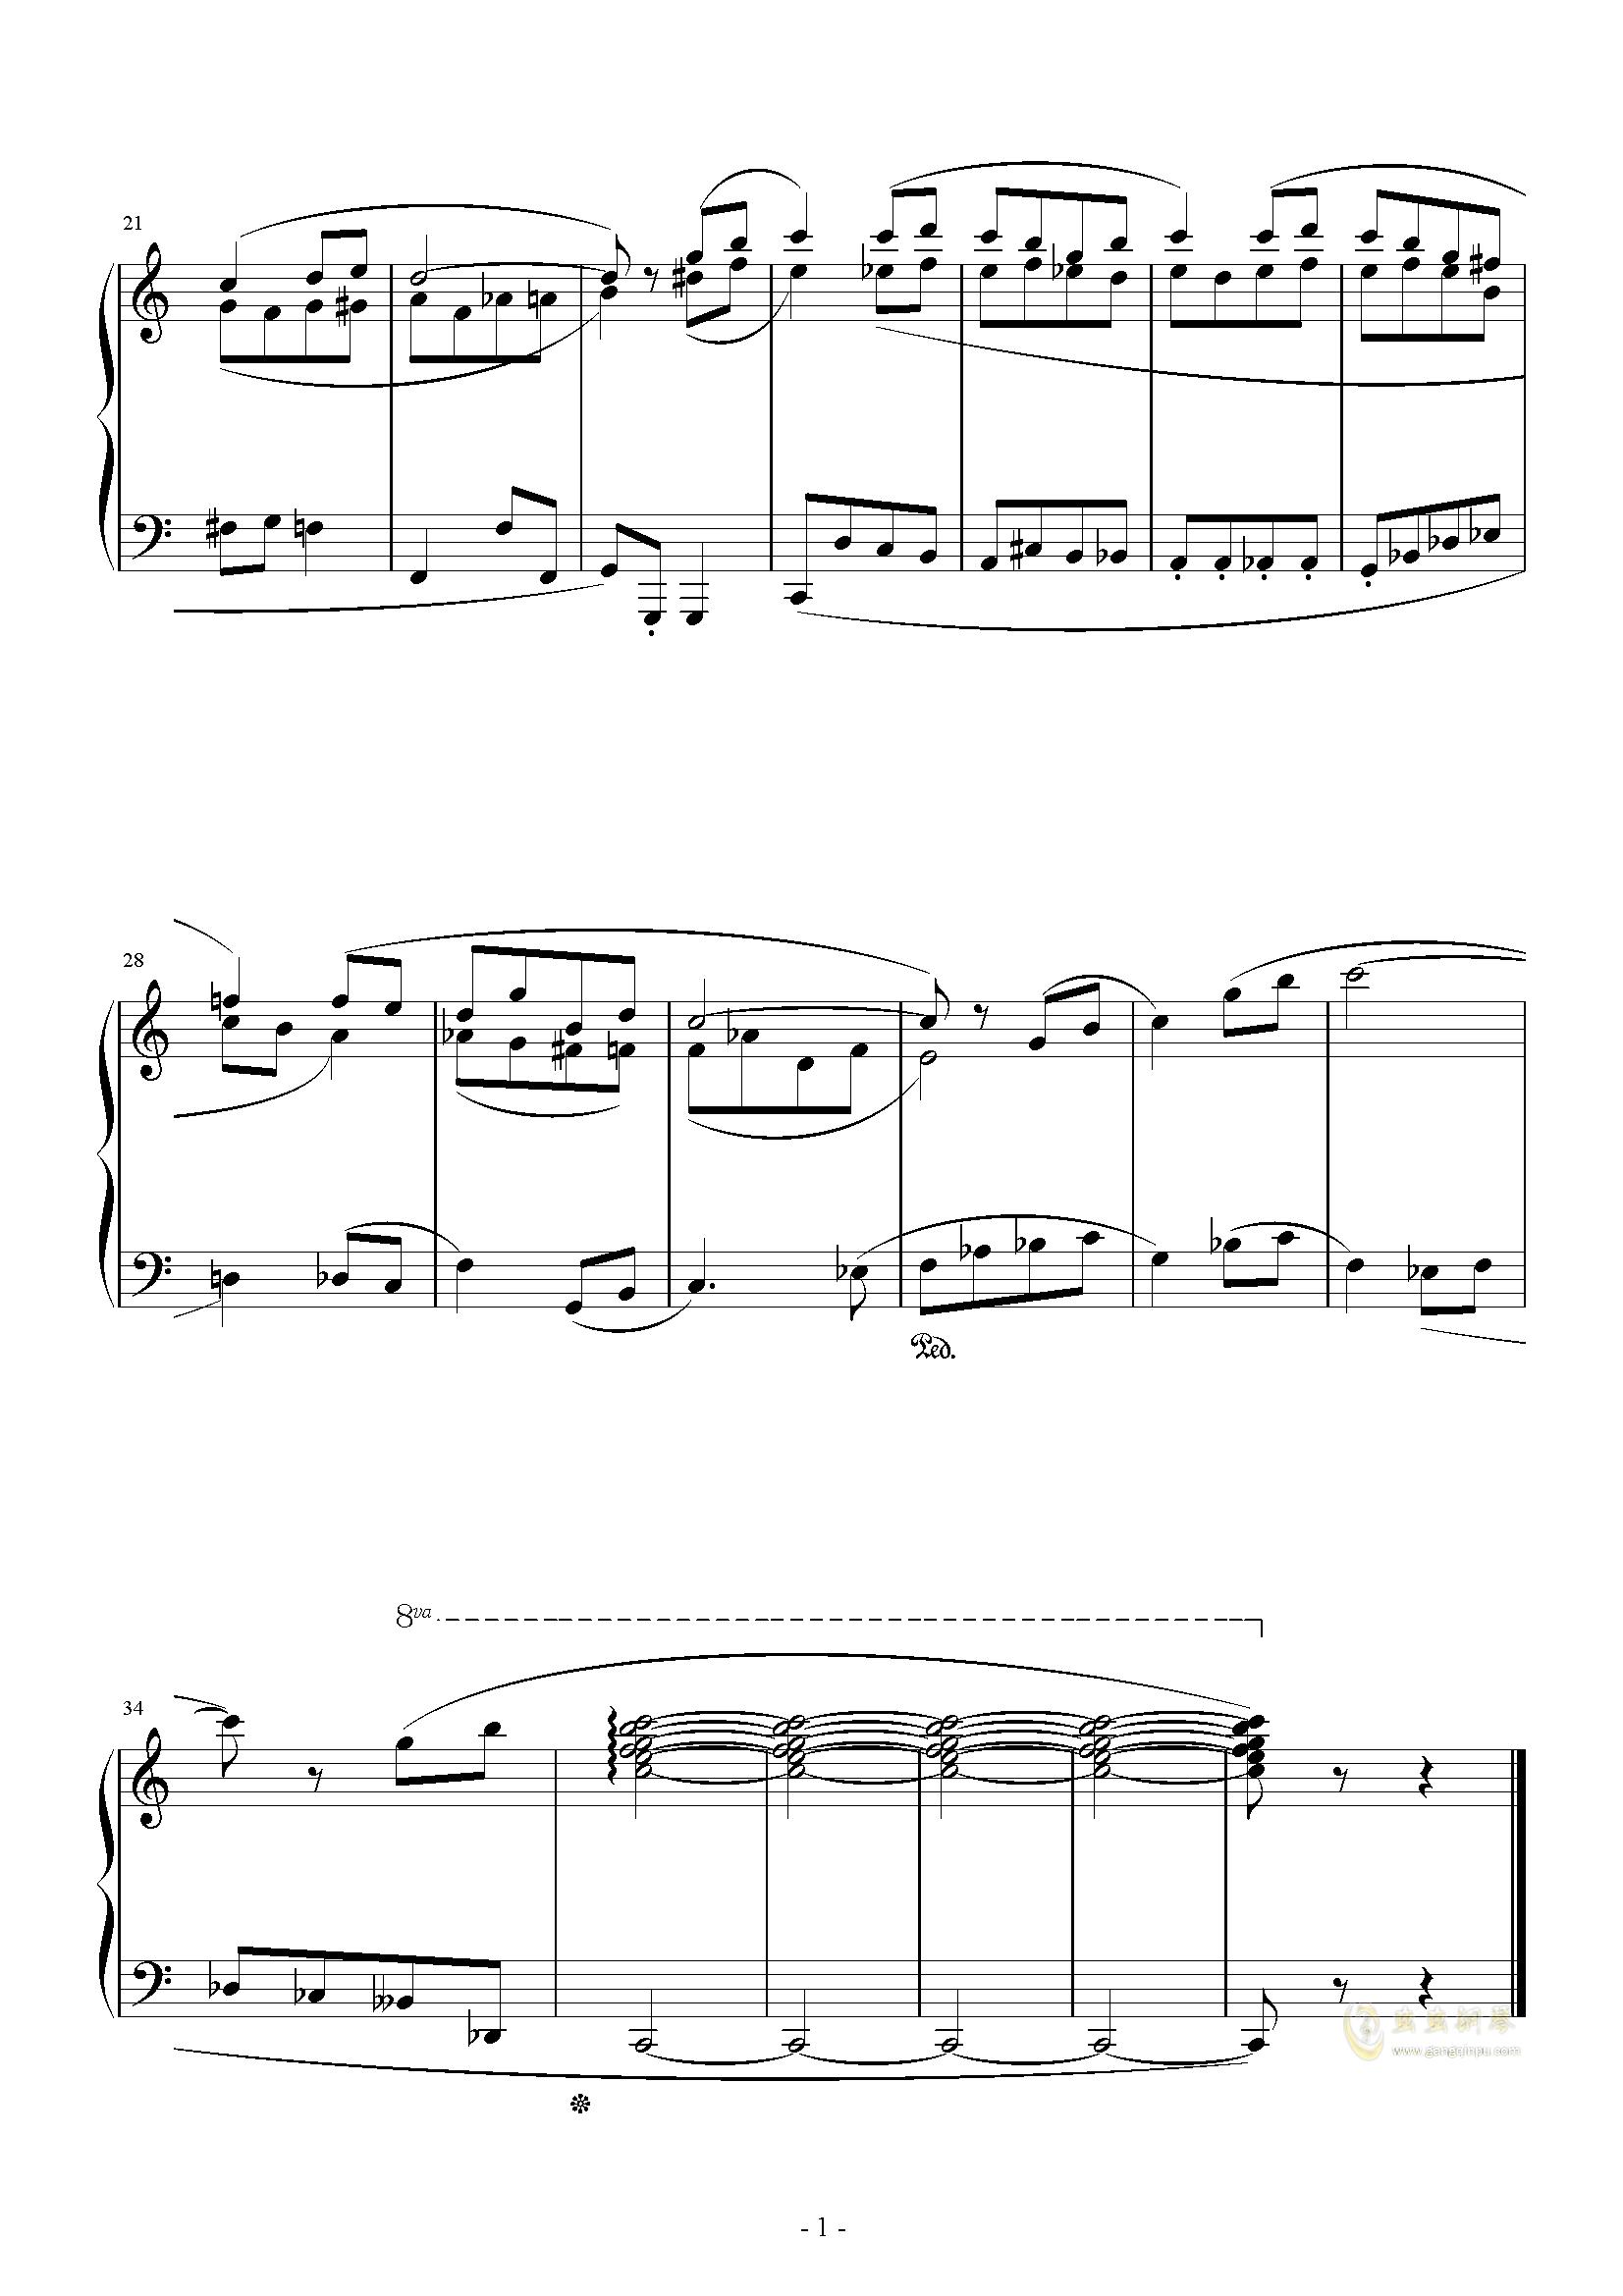 岛歌钢琴谱-流行追梦人-虫虫钢琴谱免费下载